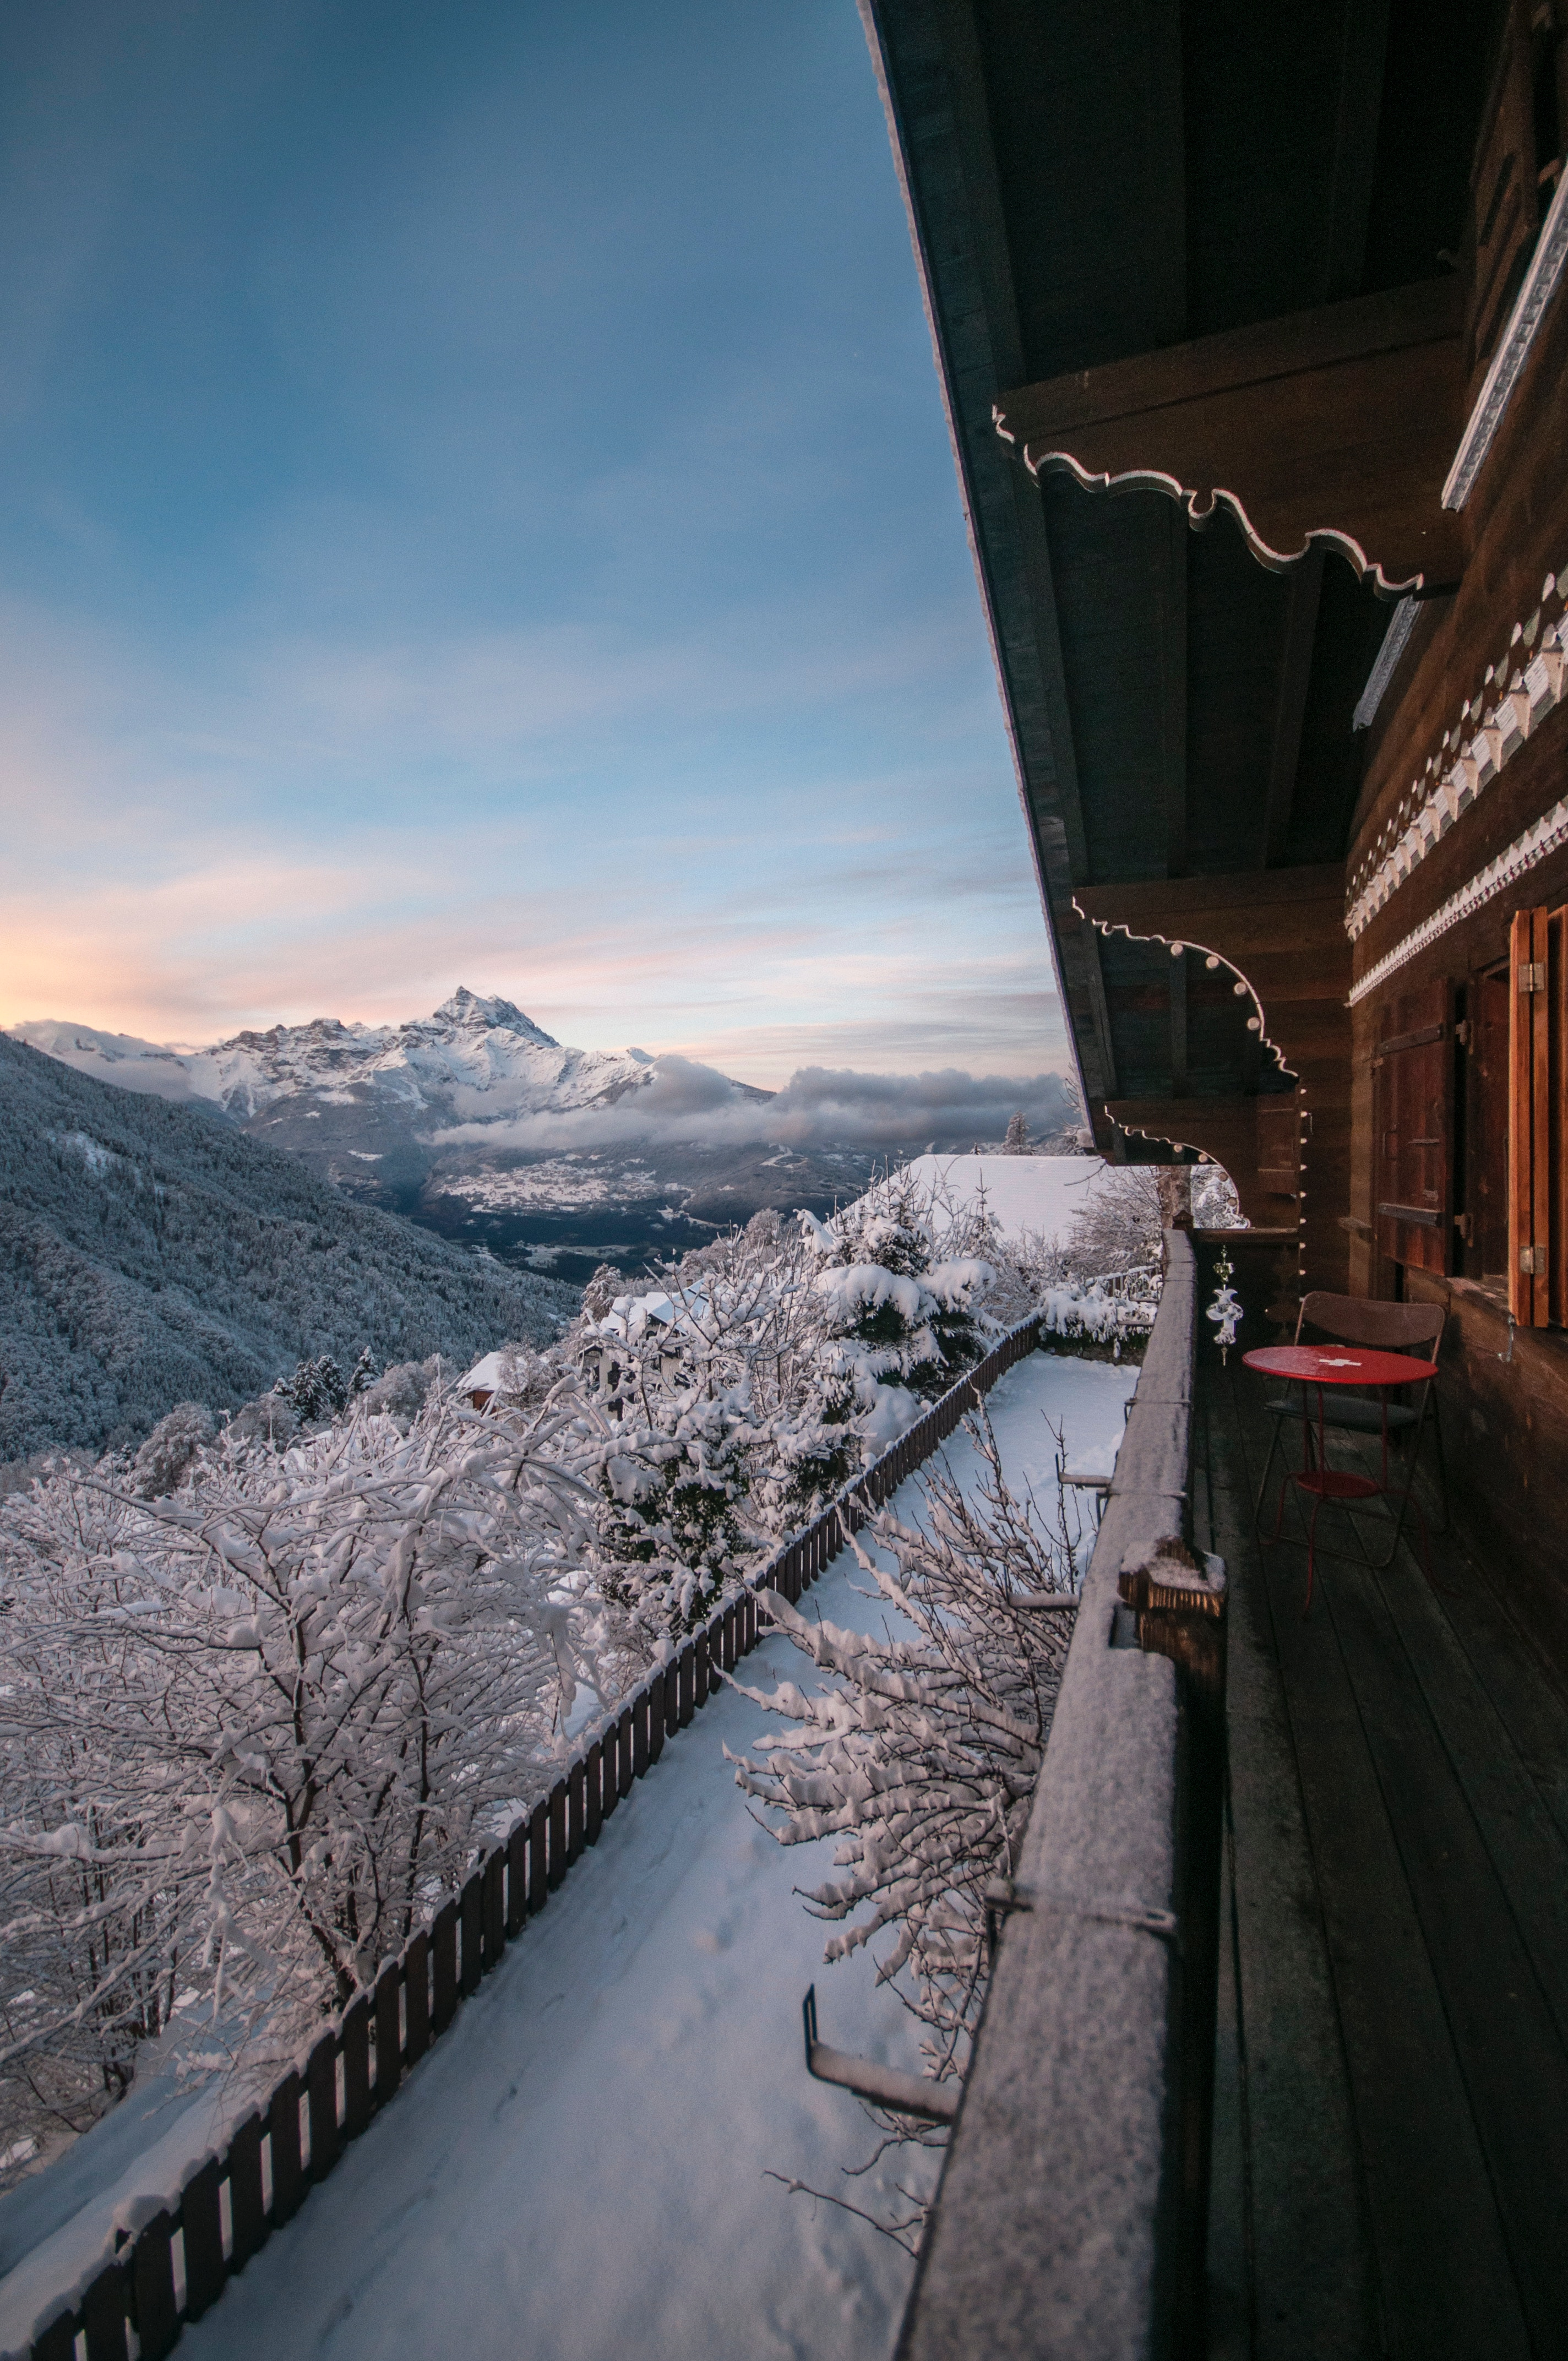 62298 Hintergrundbild herunterladen Landschaft, Natur, Mountains, Alpen, Reise, Entspannung, Ruhepause, Balkon - Bildschirmschoner und Bilder kostenlos